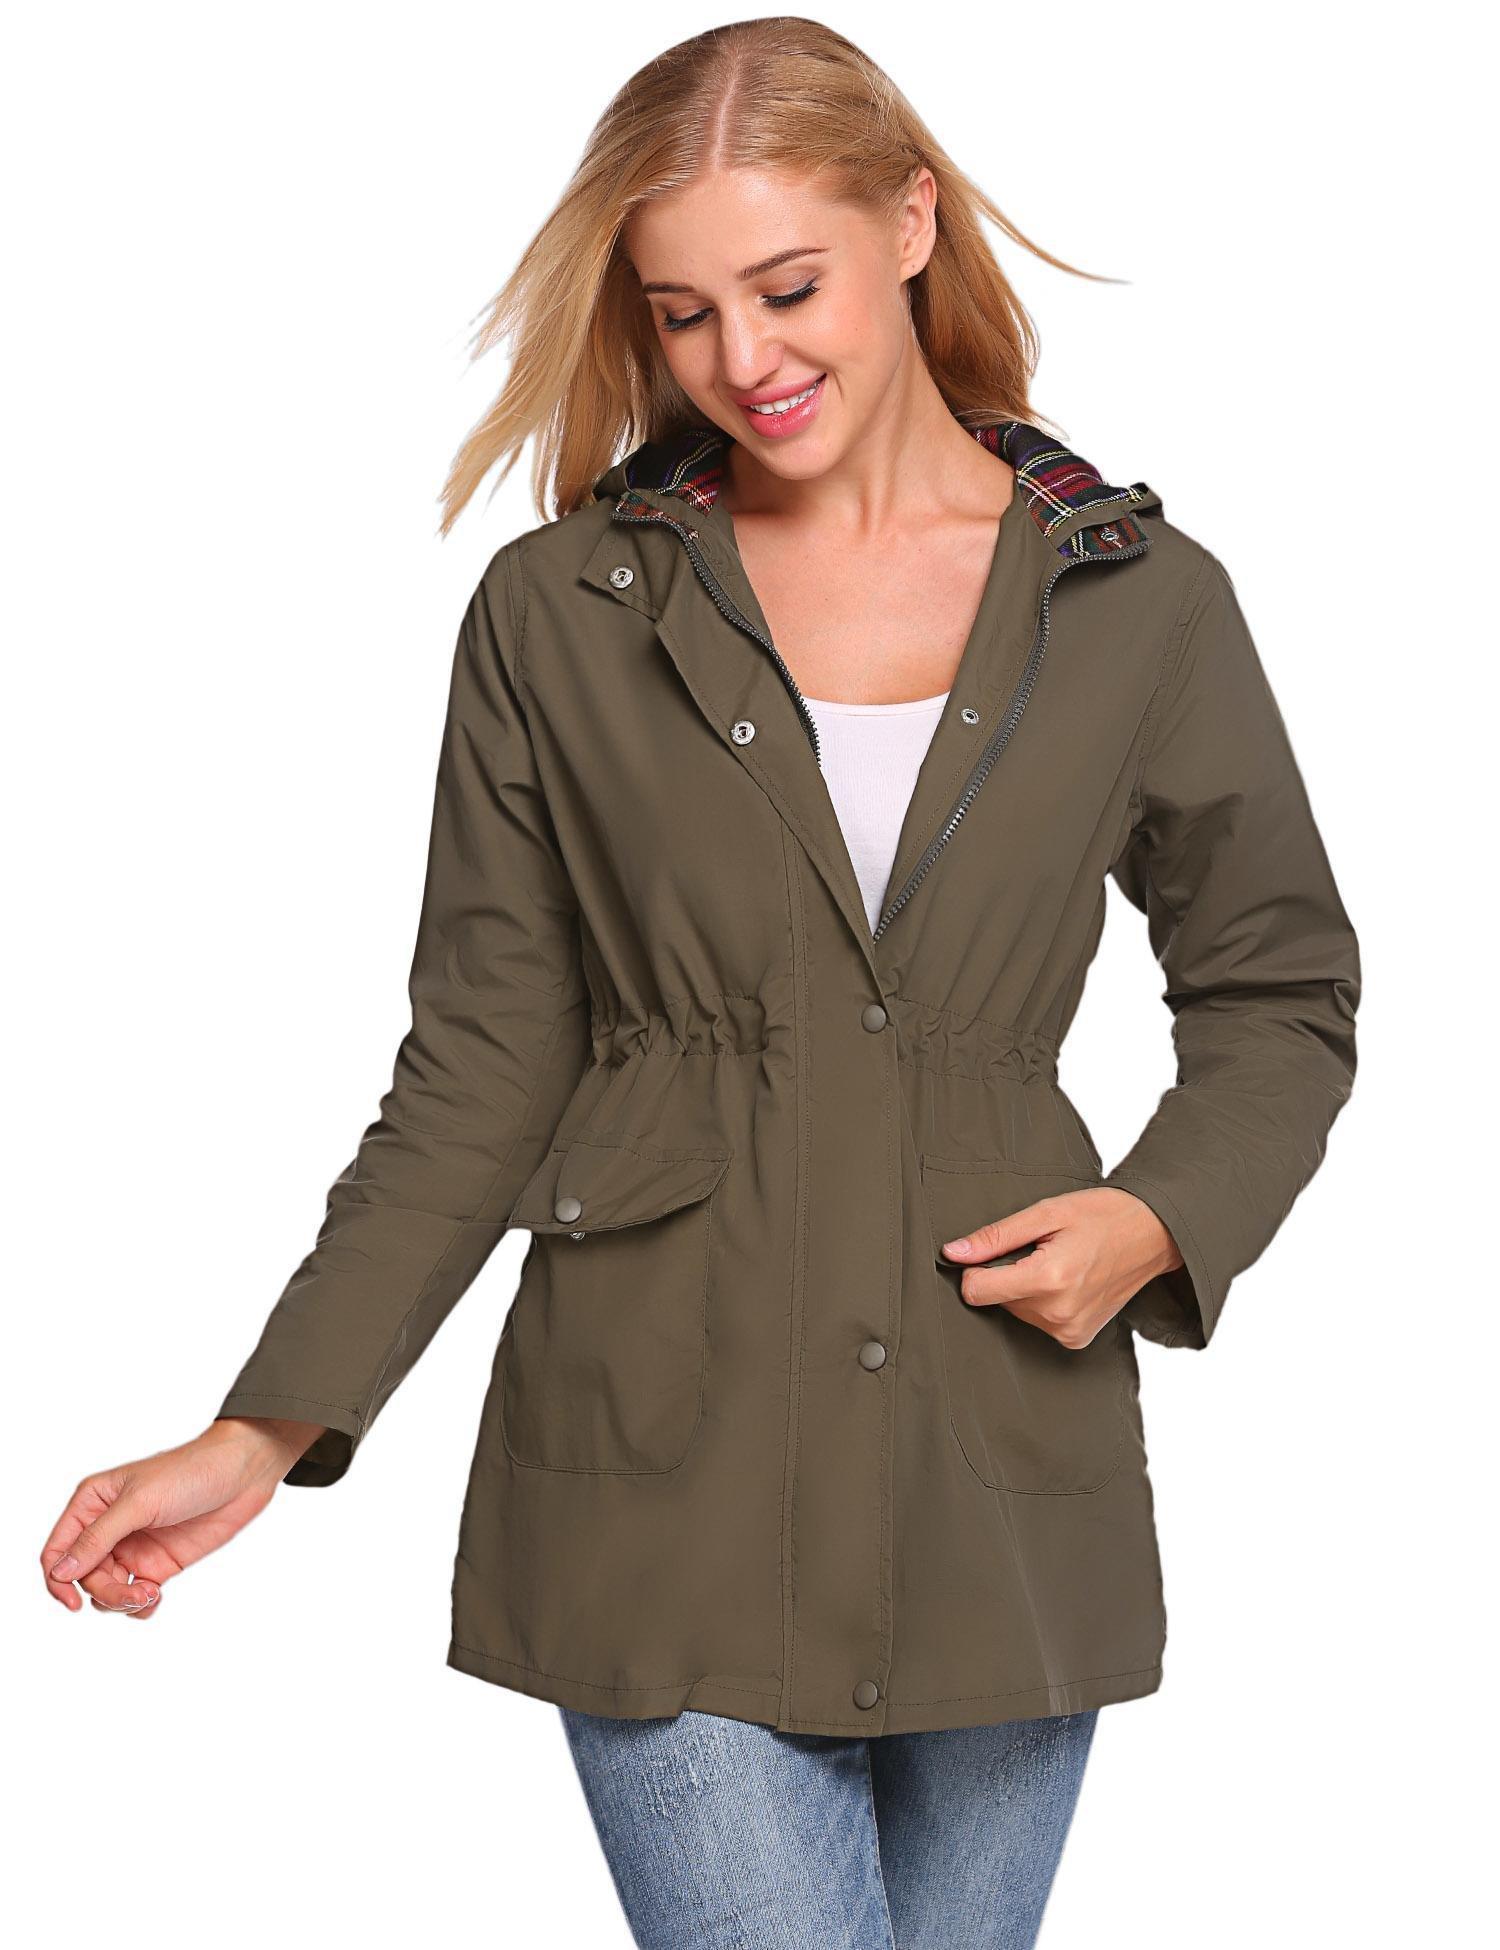 Vansop Women Casual Hooded Windproof Lightweight Trench Coat Rain Zipper Jacket